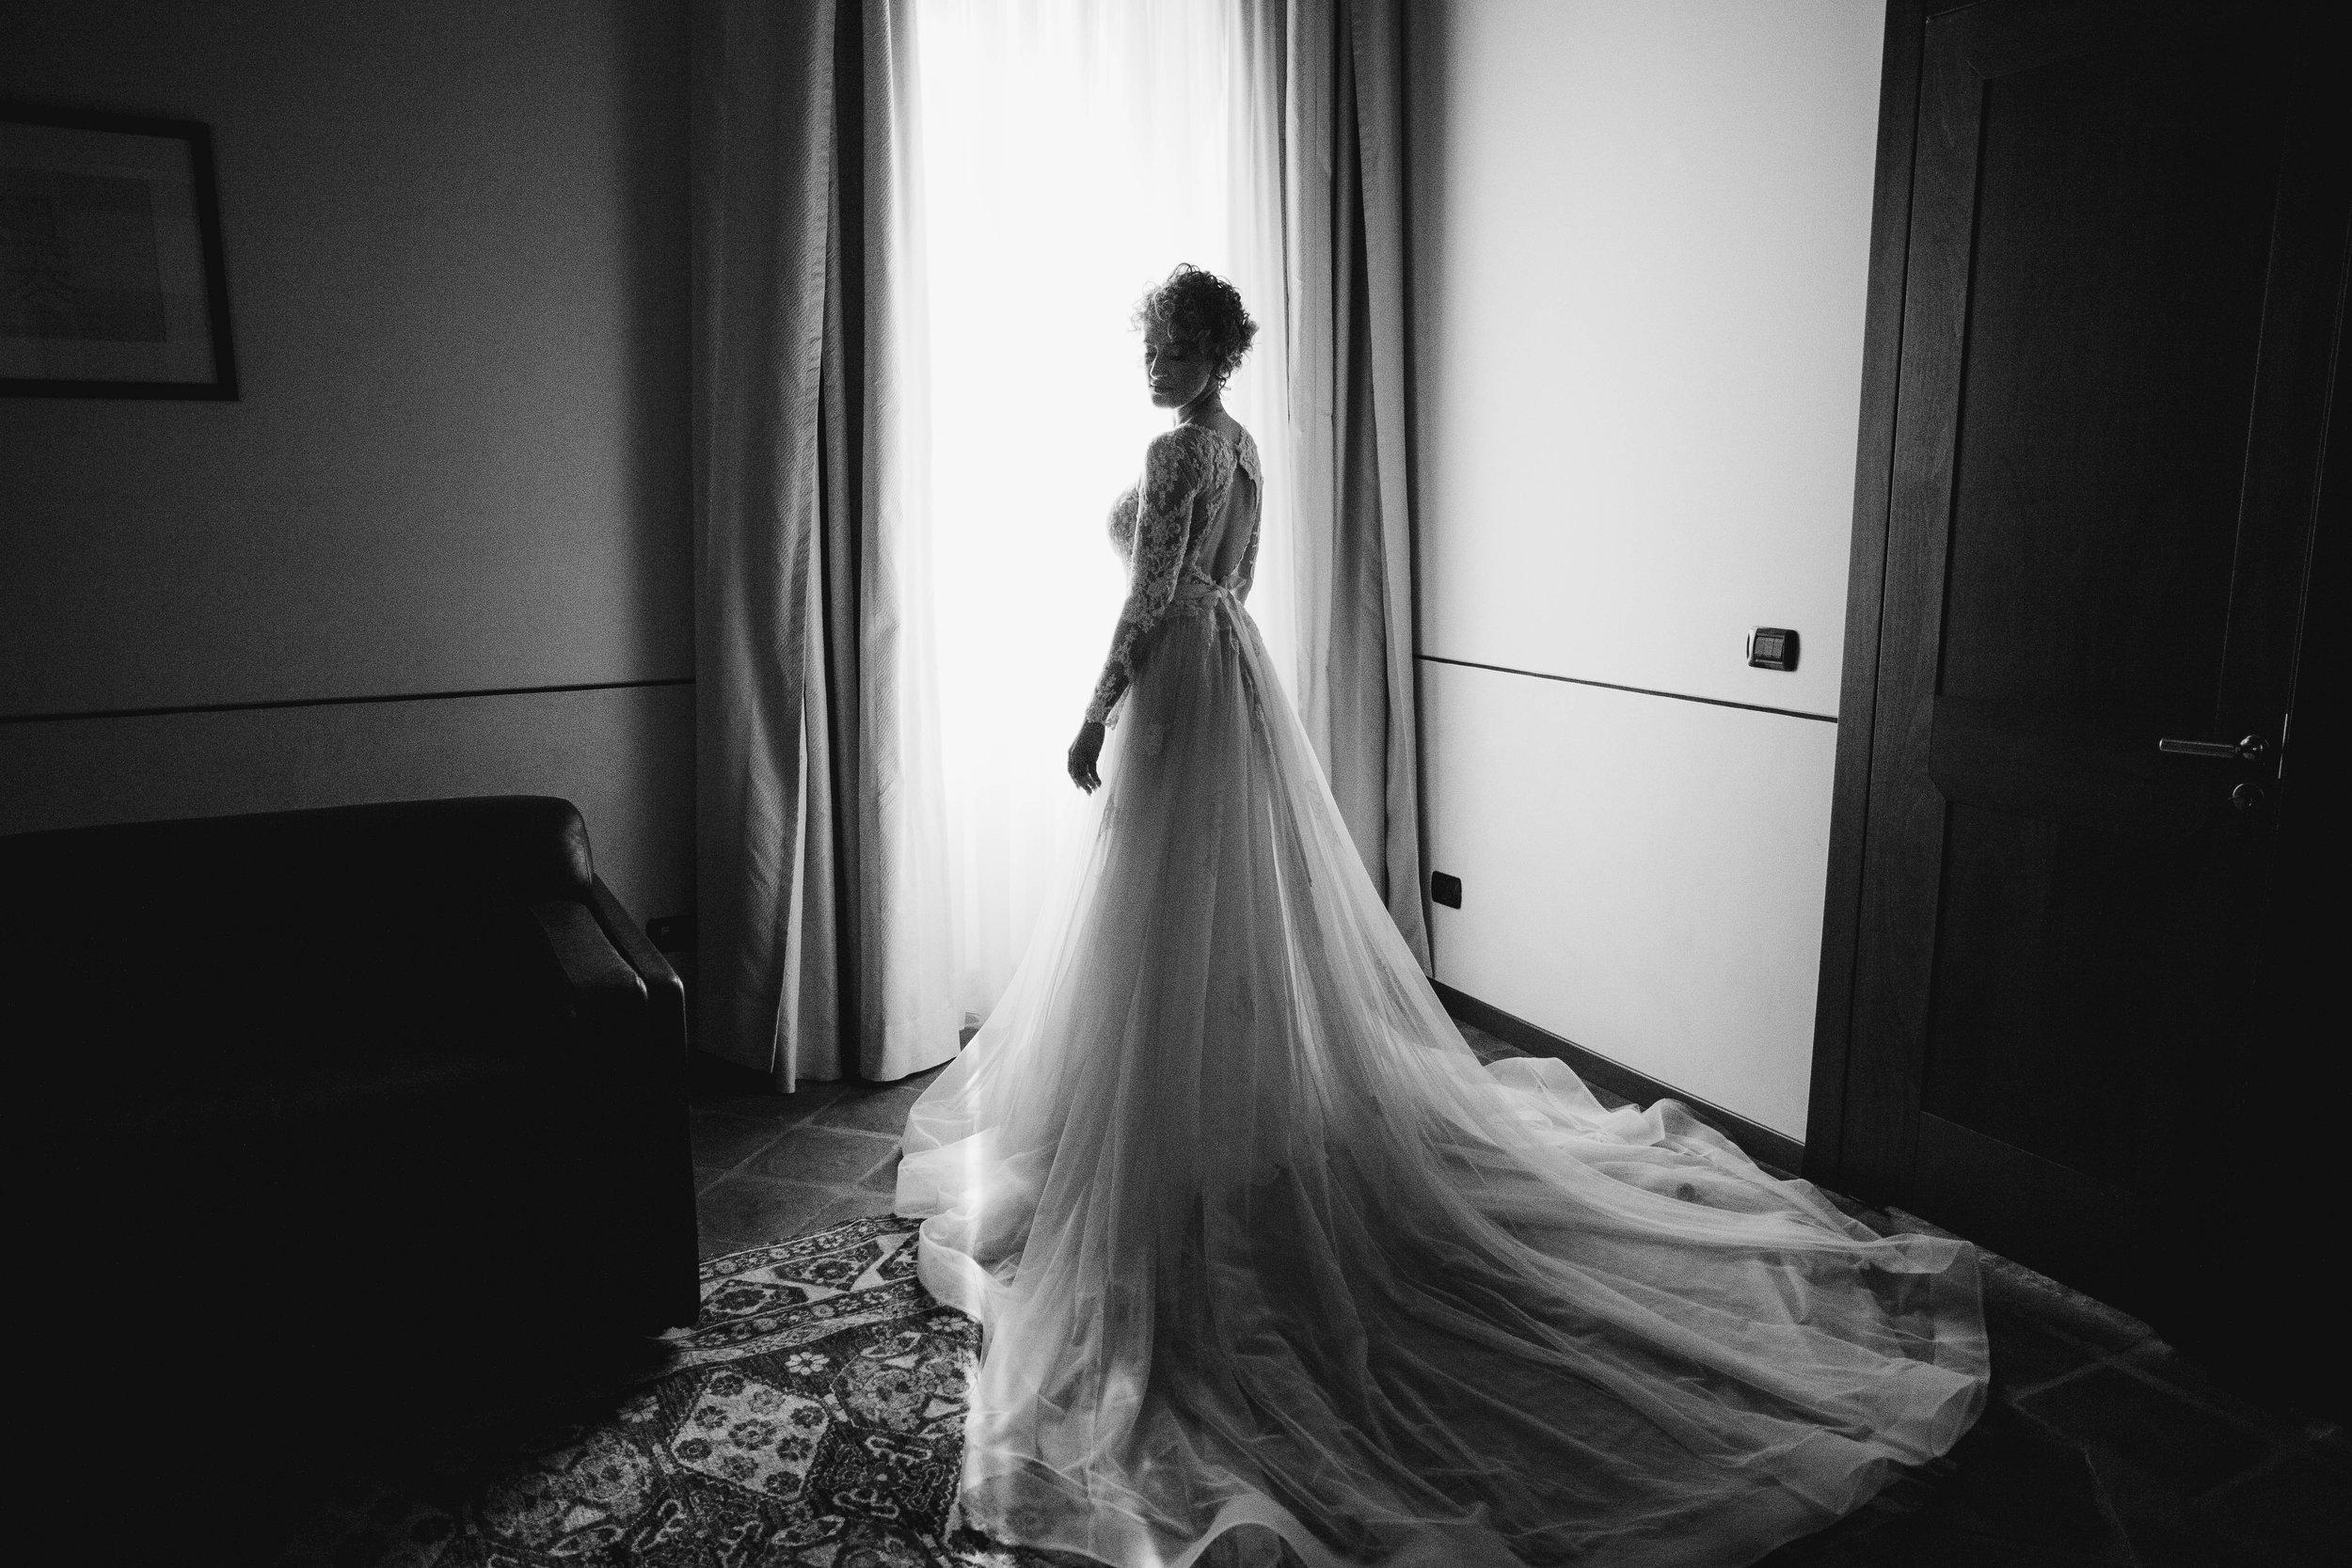 026 - Preparazione sposa.JPG